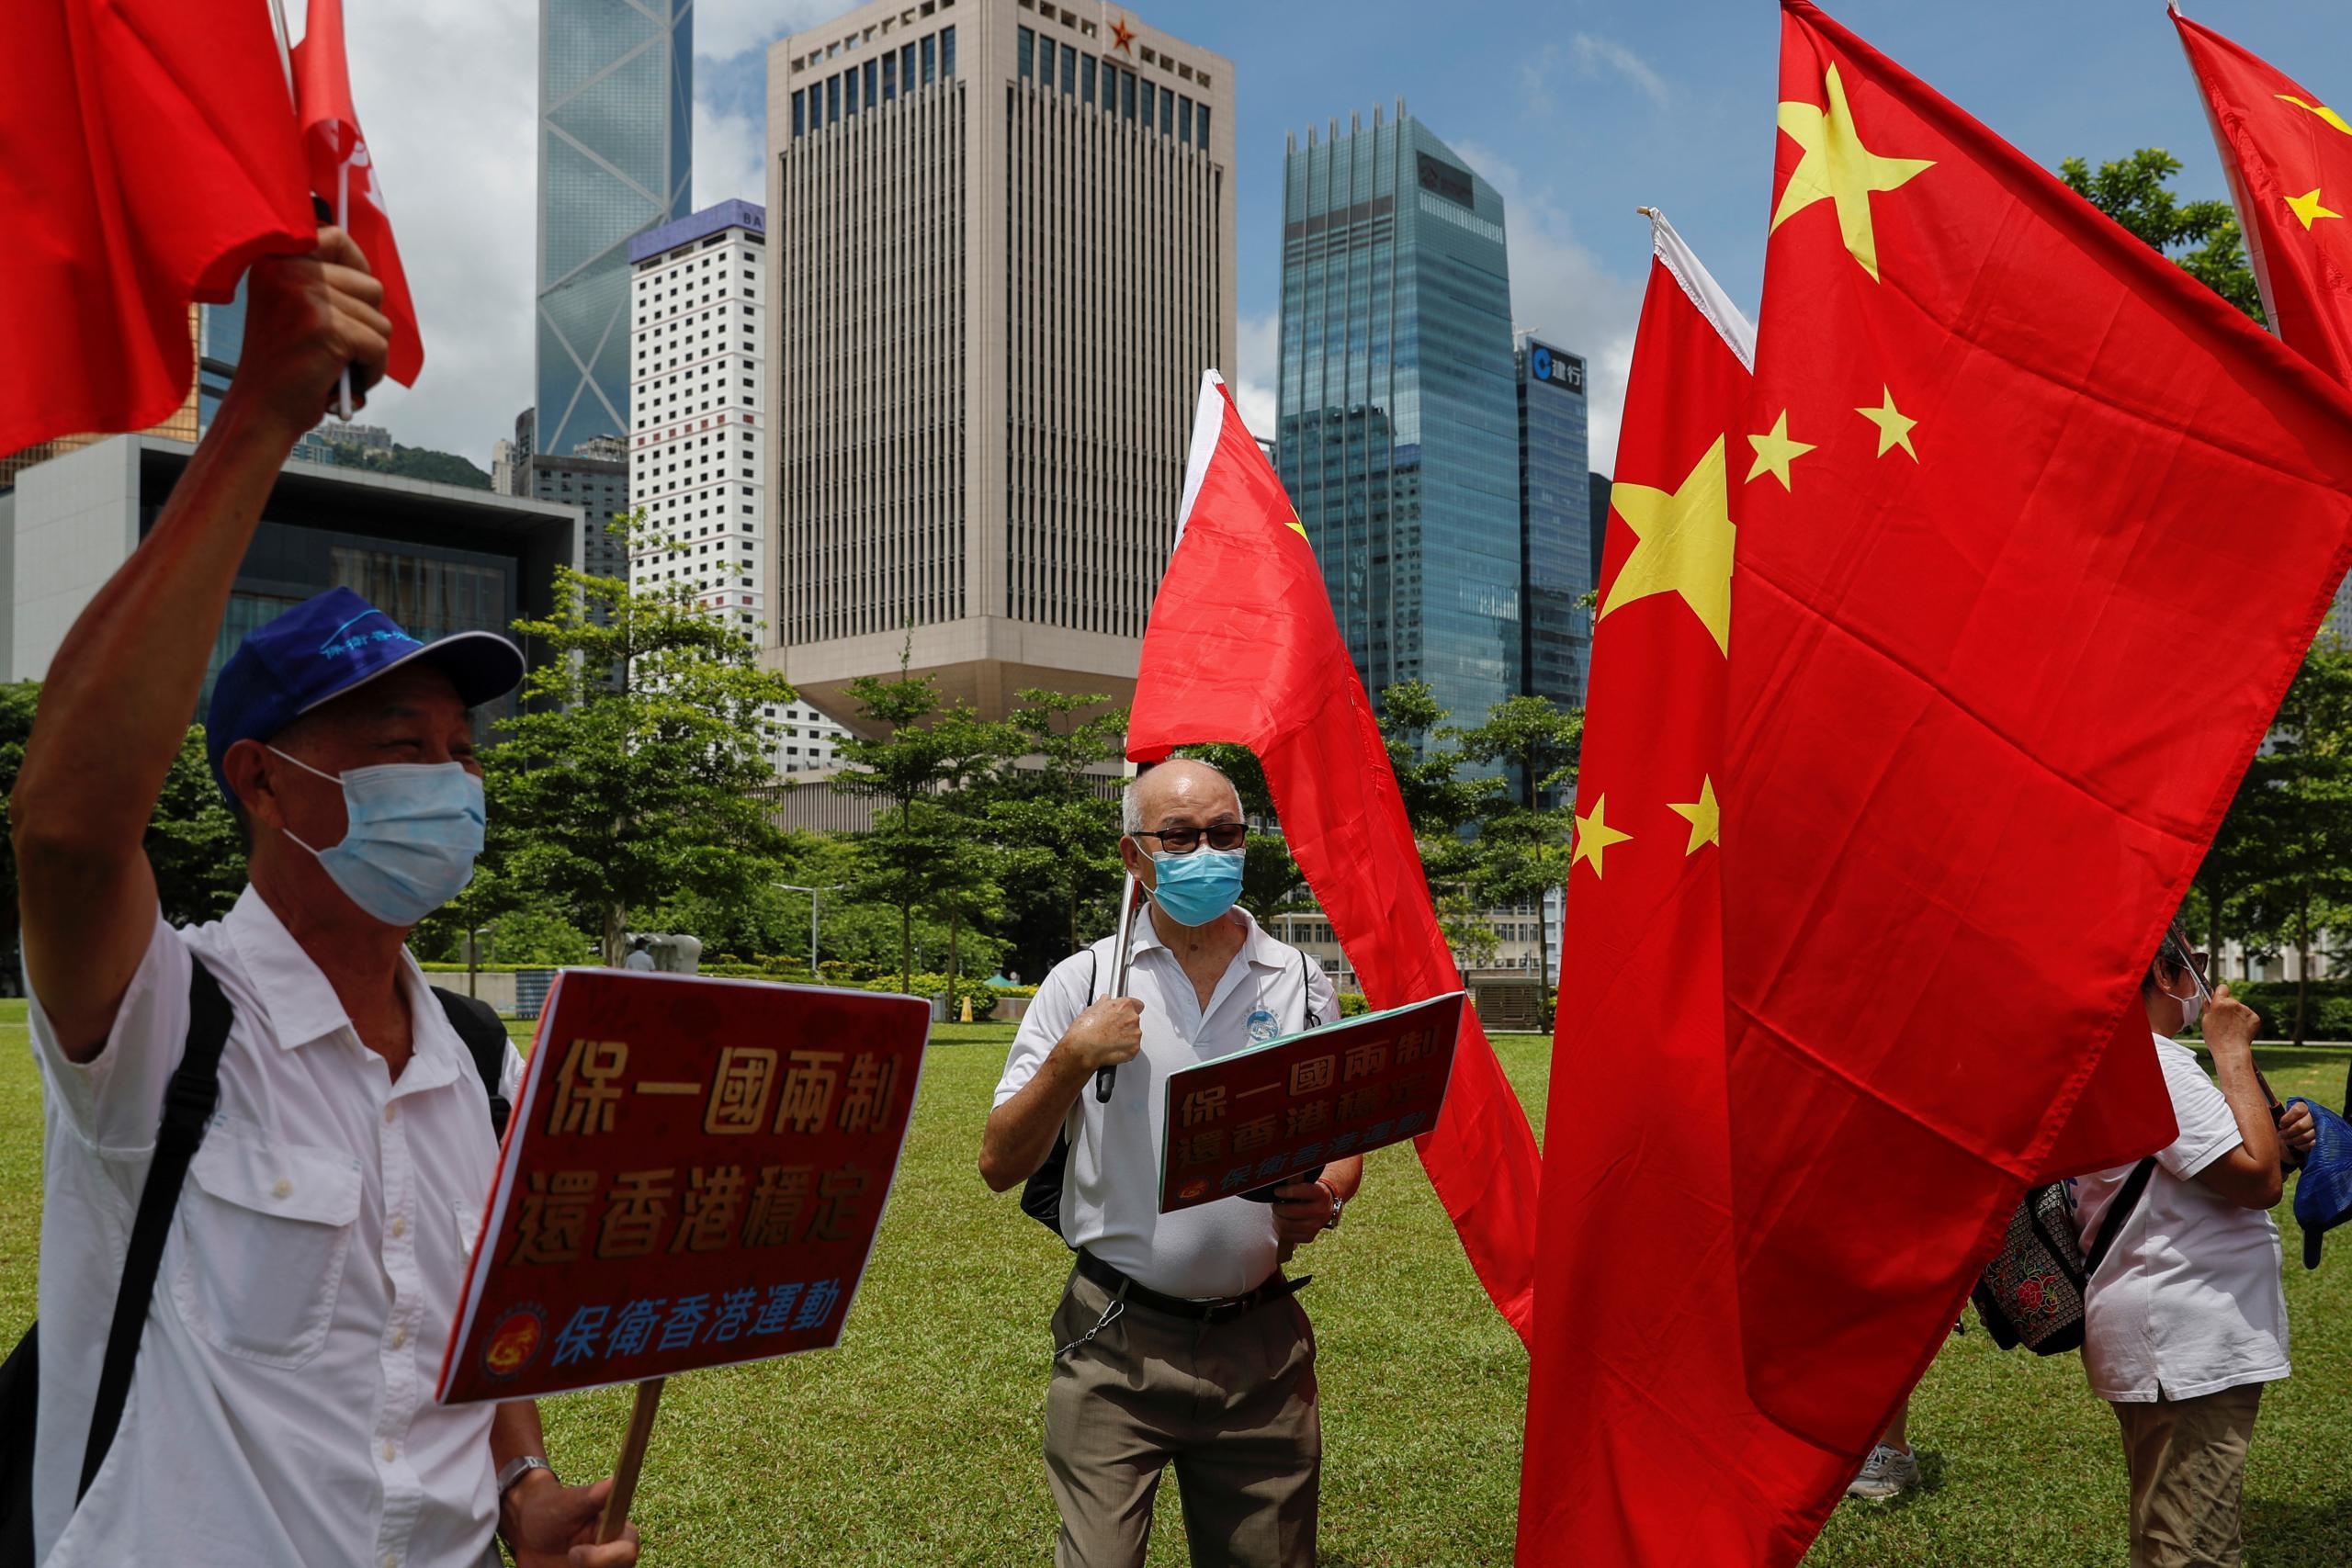 مجلس الشعب الصيني يقر بالاجماع قانون الأمن القومي لهونغ كونغ